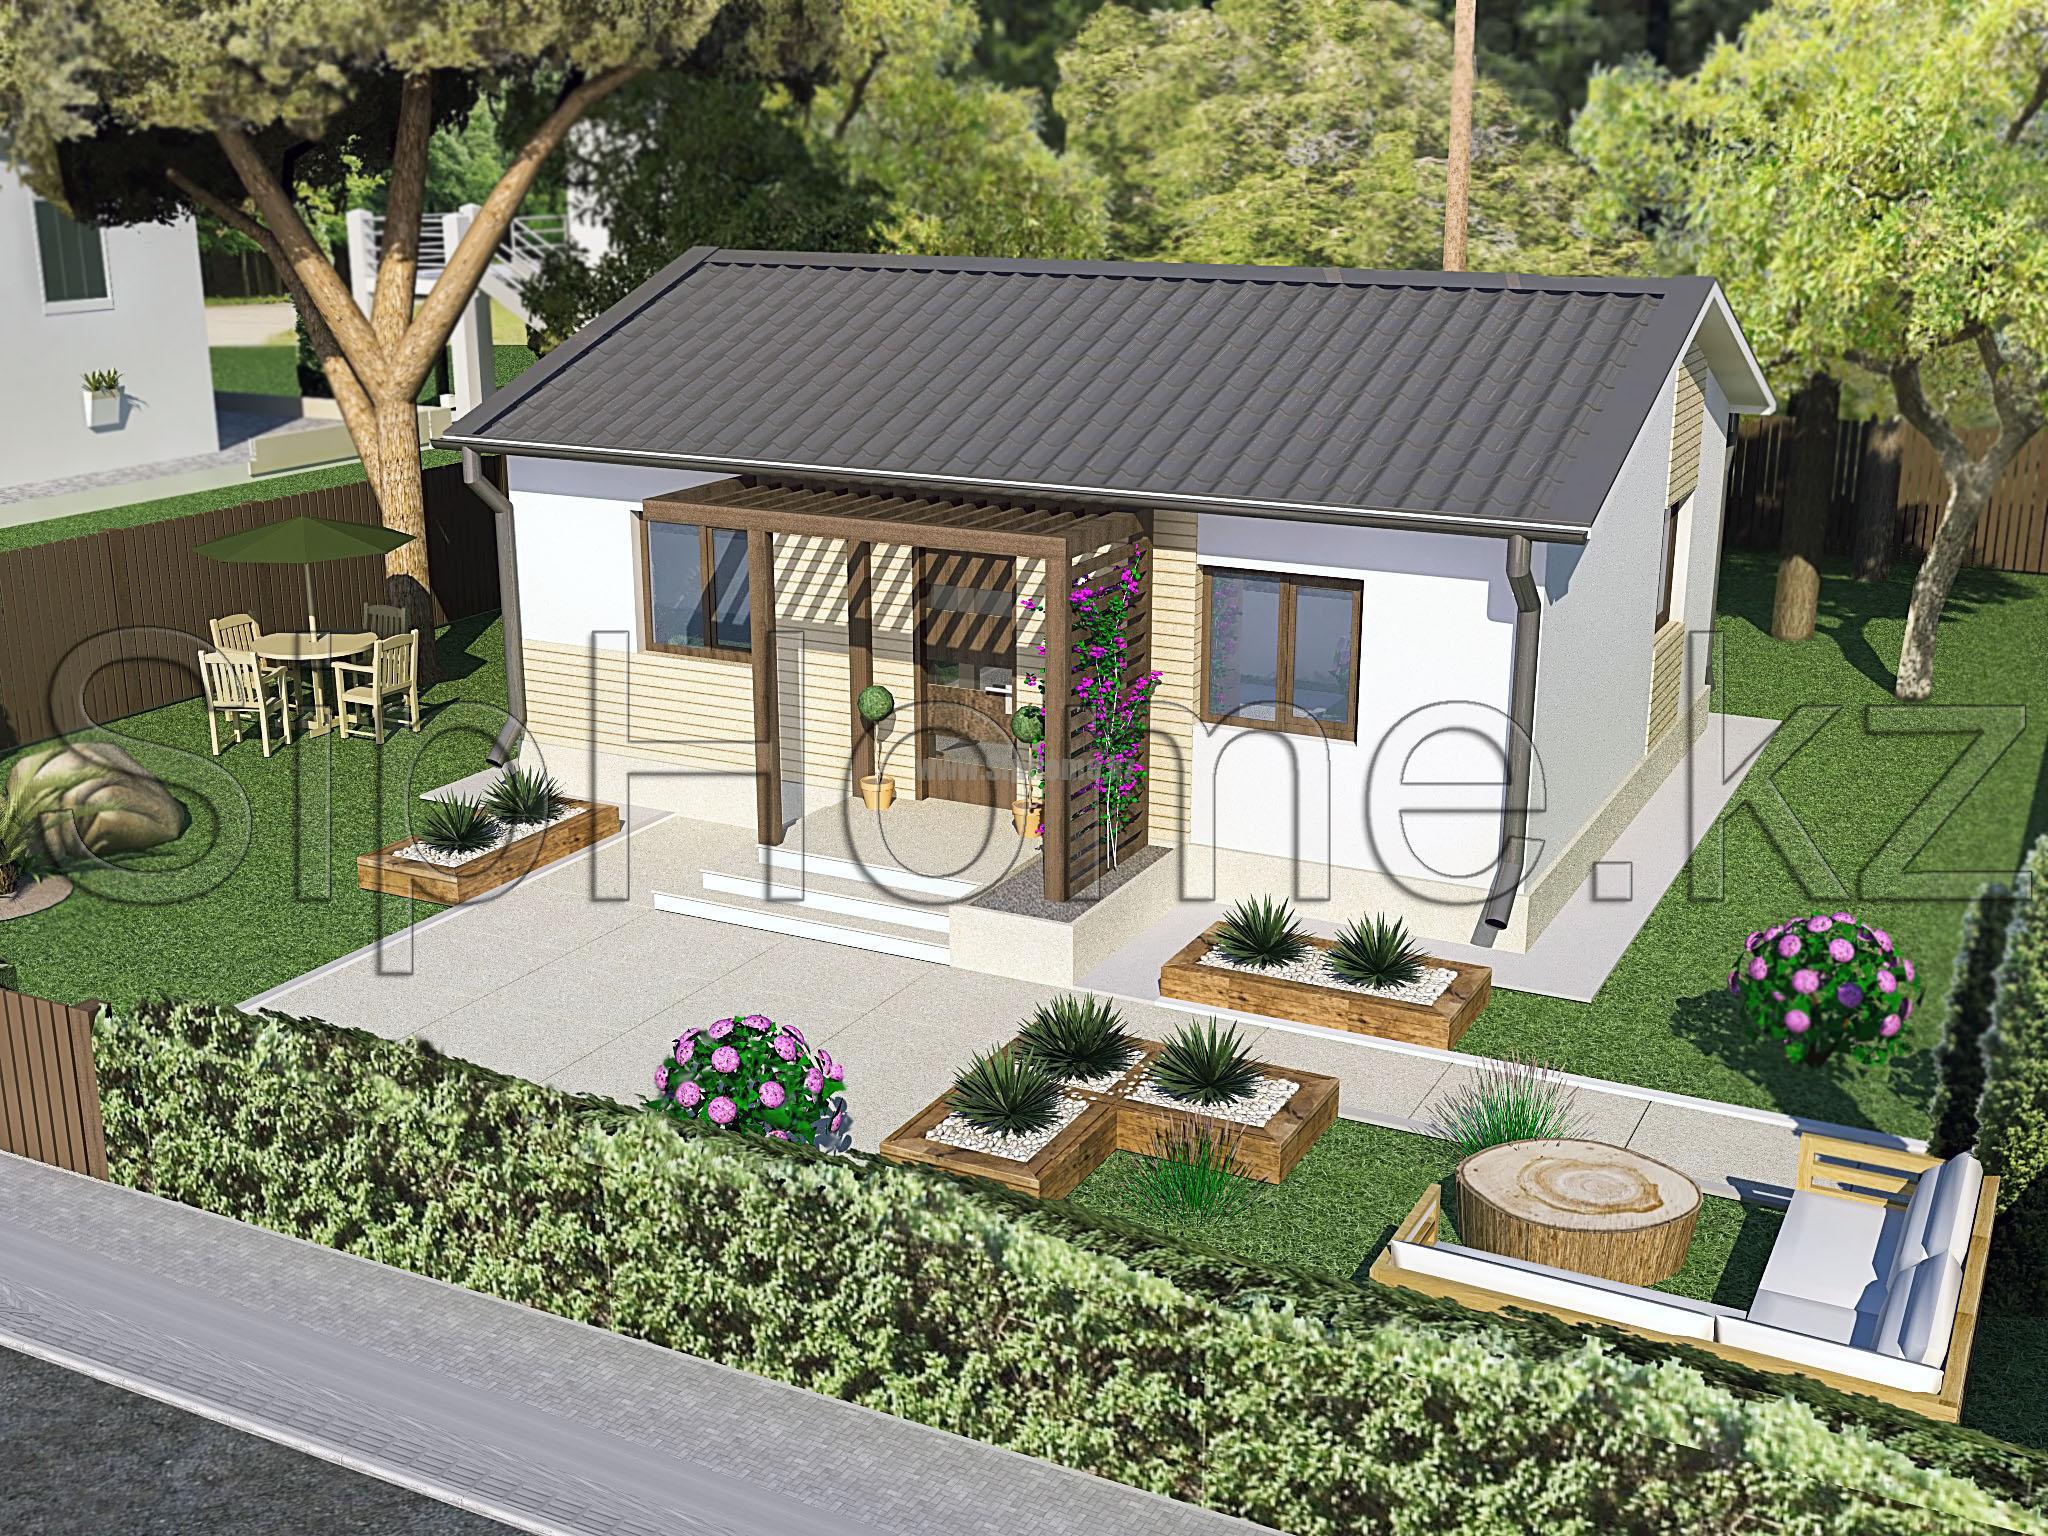 «Свобода» - проект строительства дома из СИП-панелей, 57,7 кв.м - 3 365 807 тенге